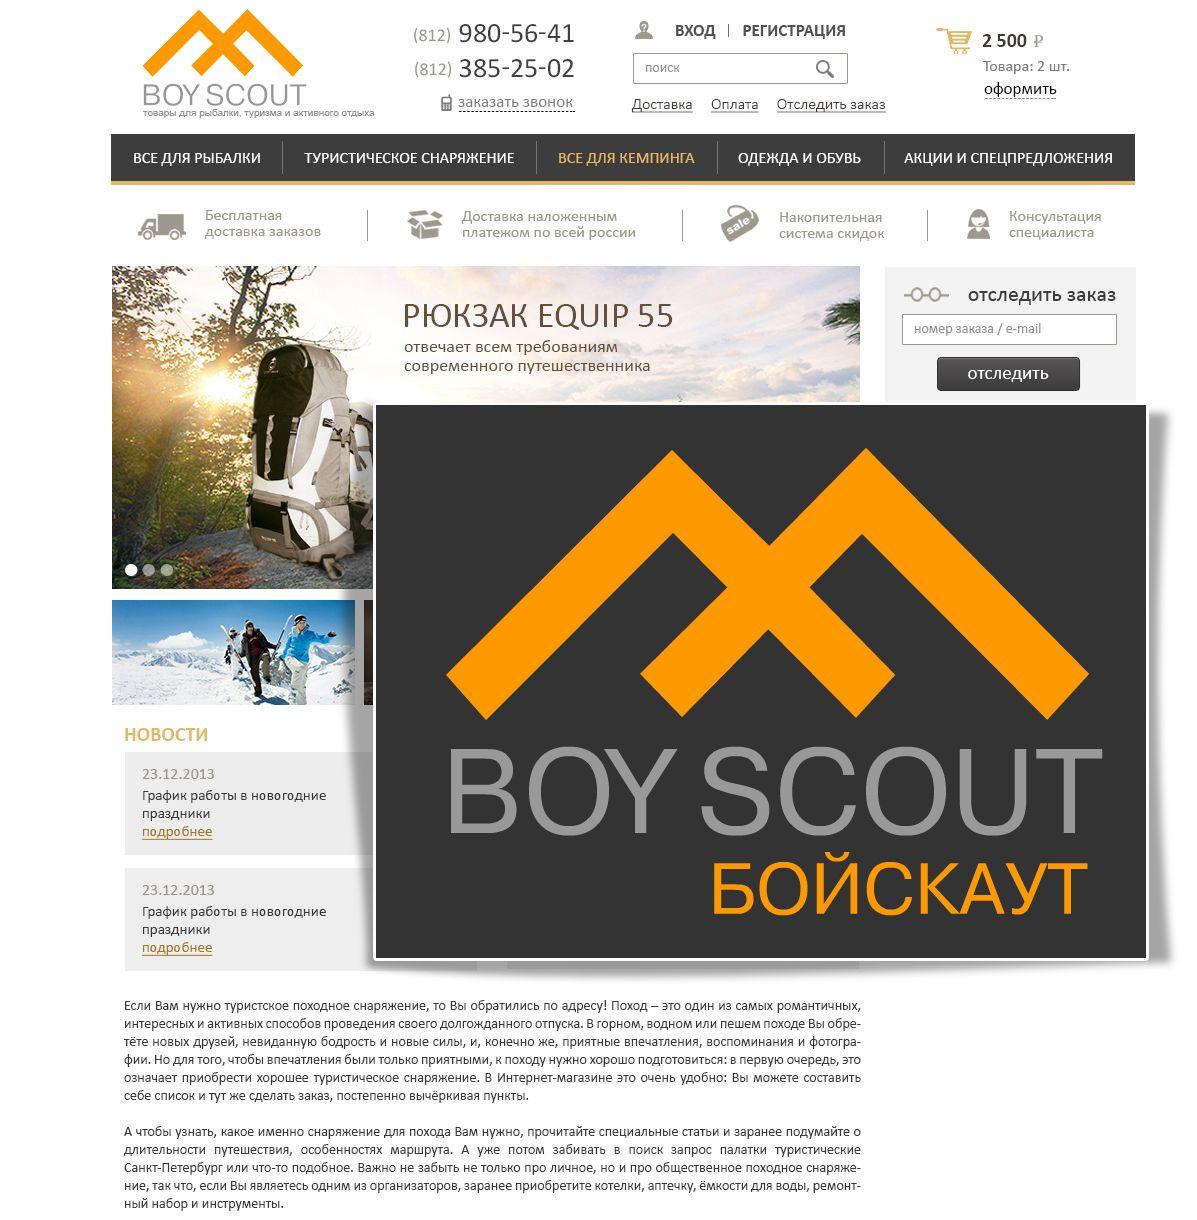 Логотип для сайта интернет-магазина BOY SCOUT - дизайнер Keroberas